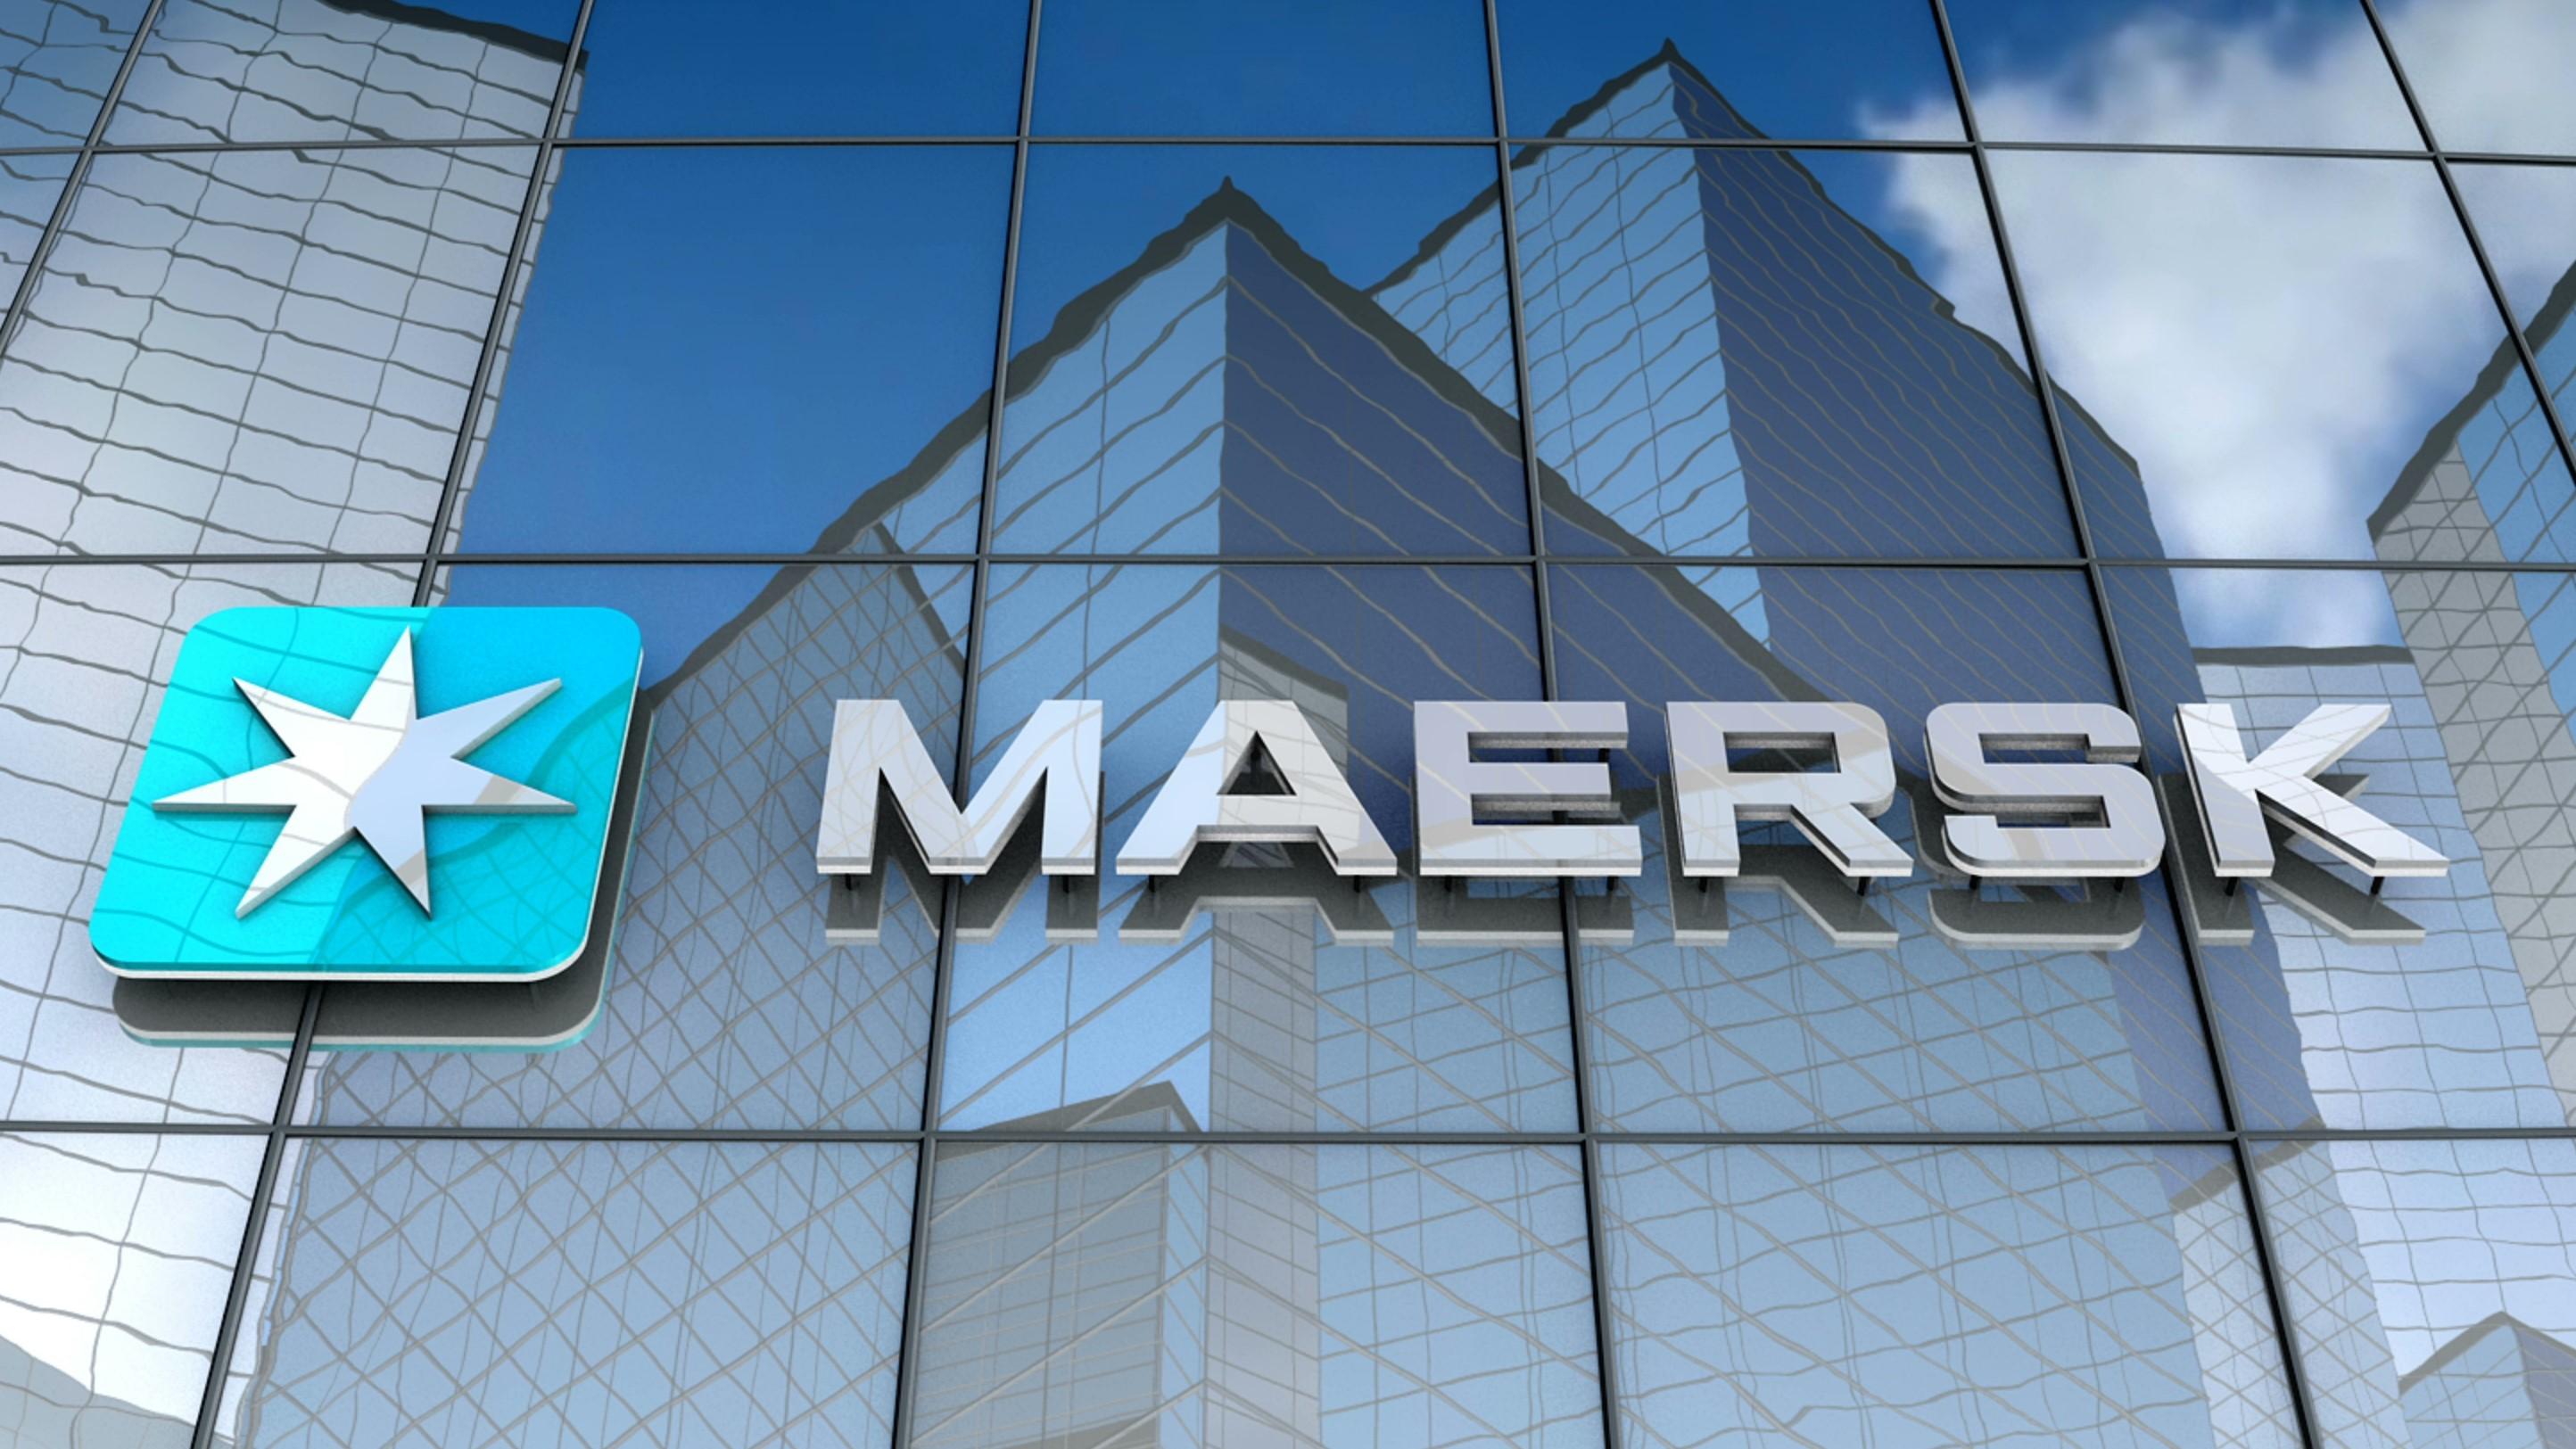 maersk1.16-9